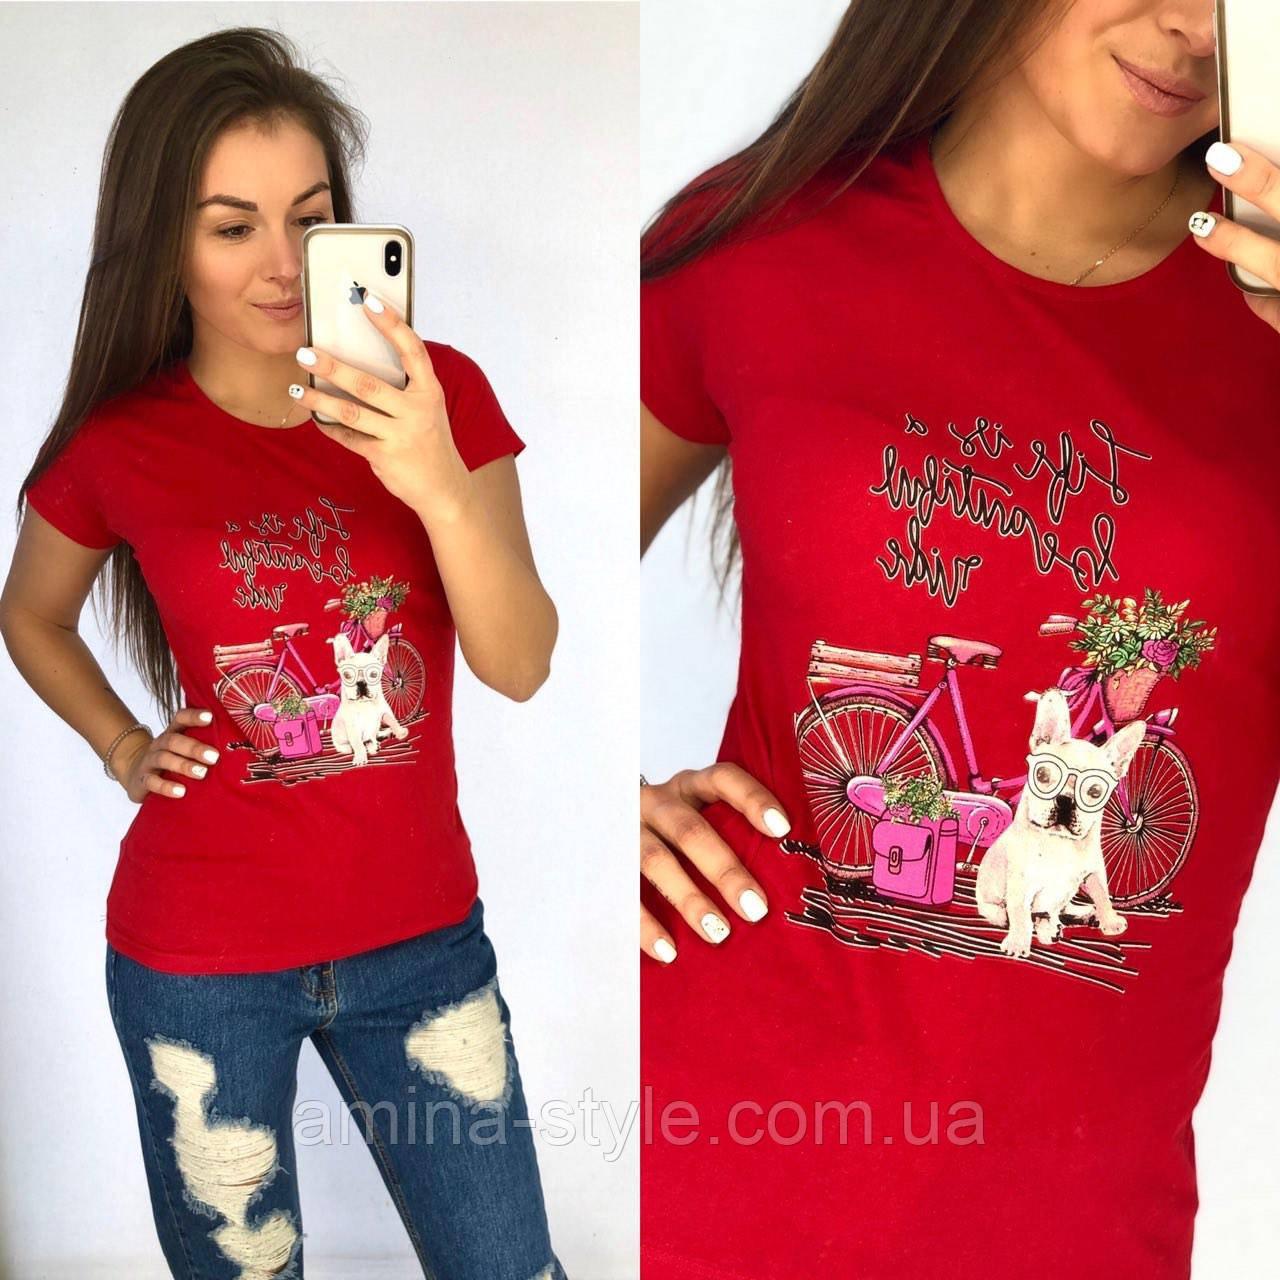 Женская футболка, хлопок. S,L,ХL